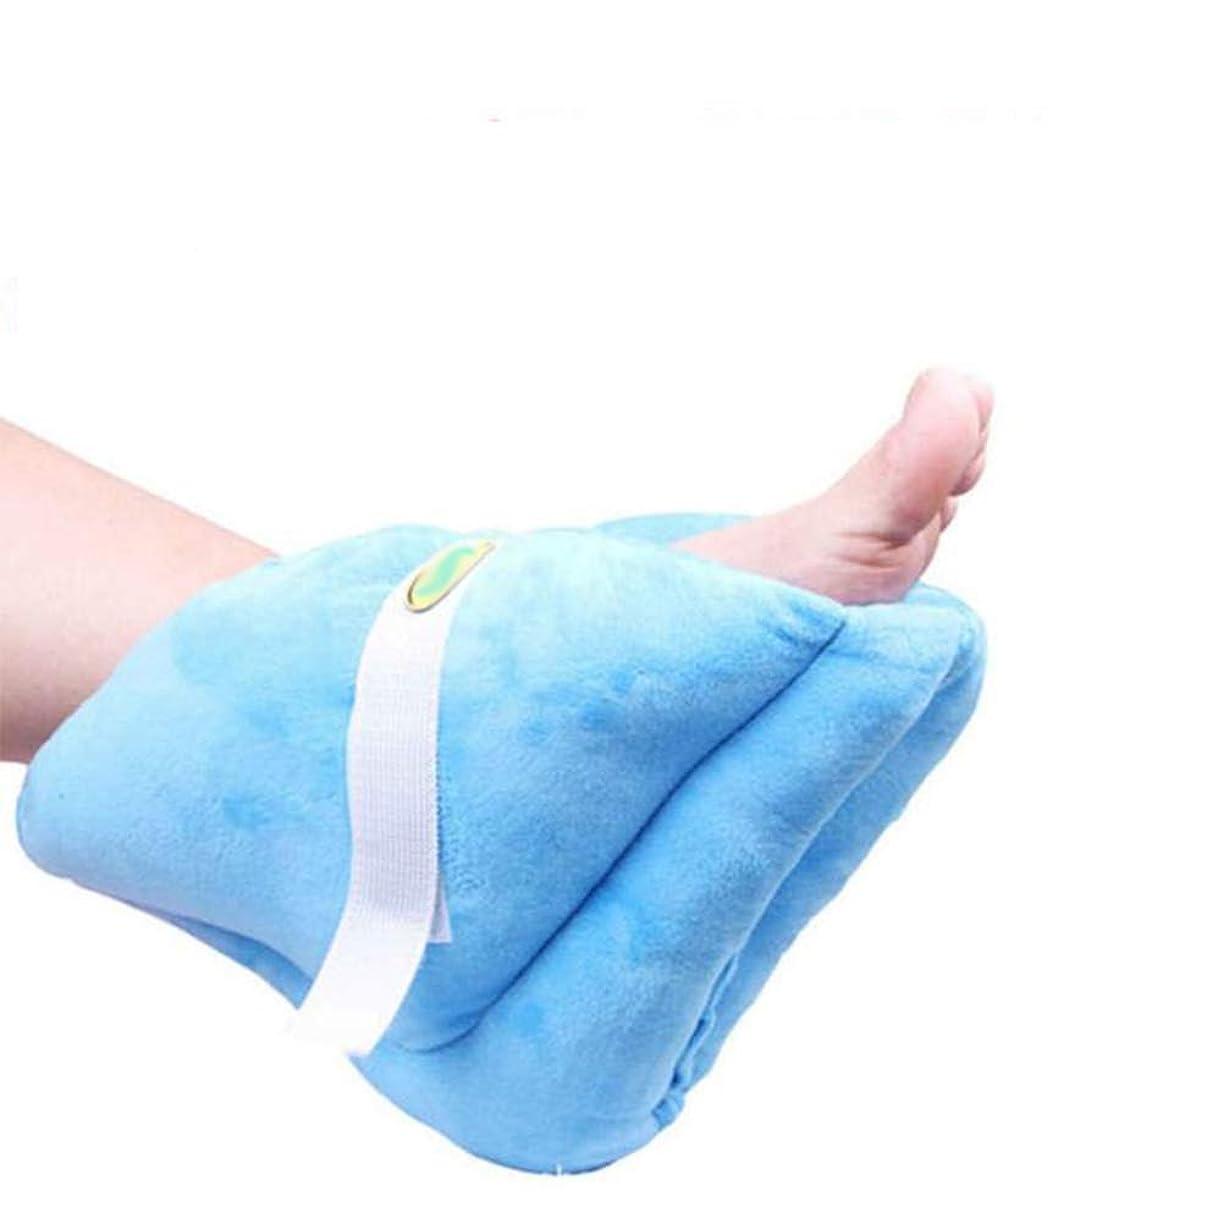 句系統的アテンダントヒールクッションプロテクター - 足と足首の枕 - ヒール保護ガード - 足、肘、かかと - ベッド&褥瘡を保護します,1pc